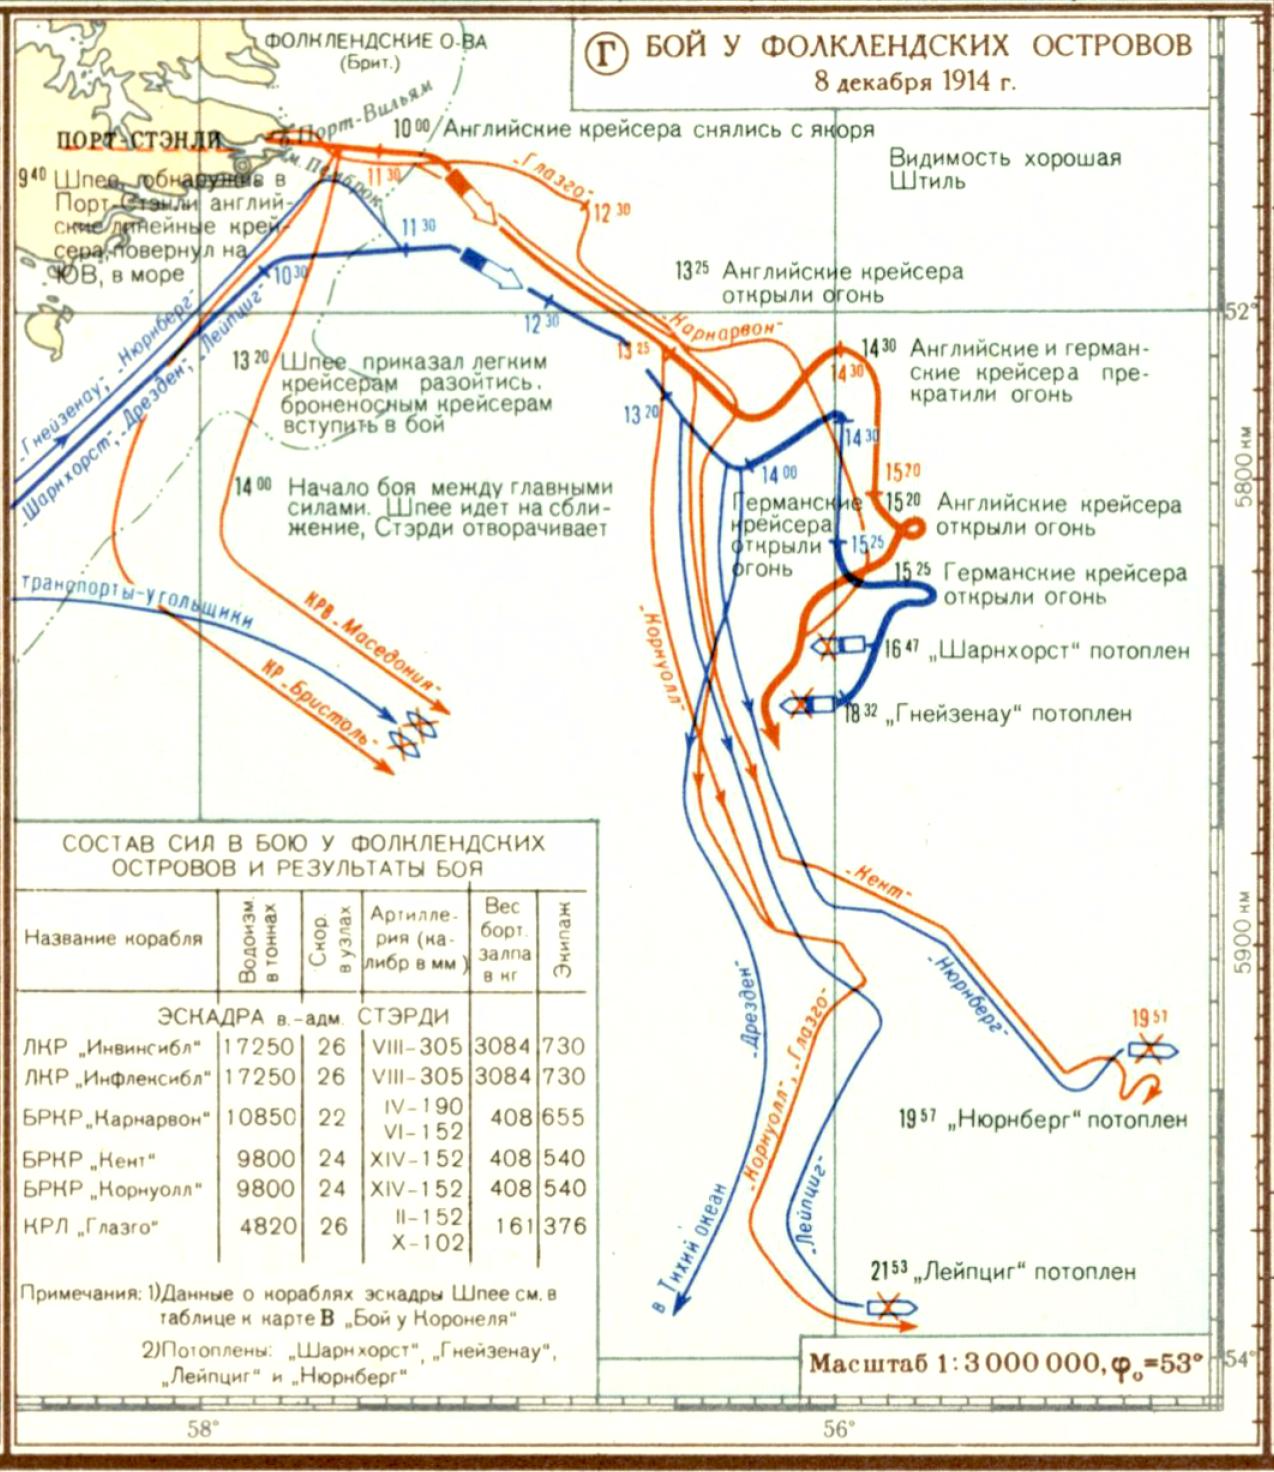 Бой у фолклендских островов, развернувшийся между британскими и германскими крейсерами